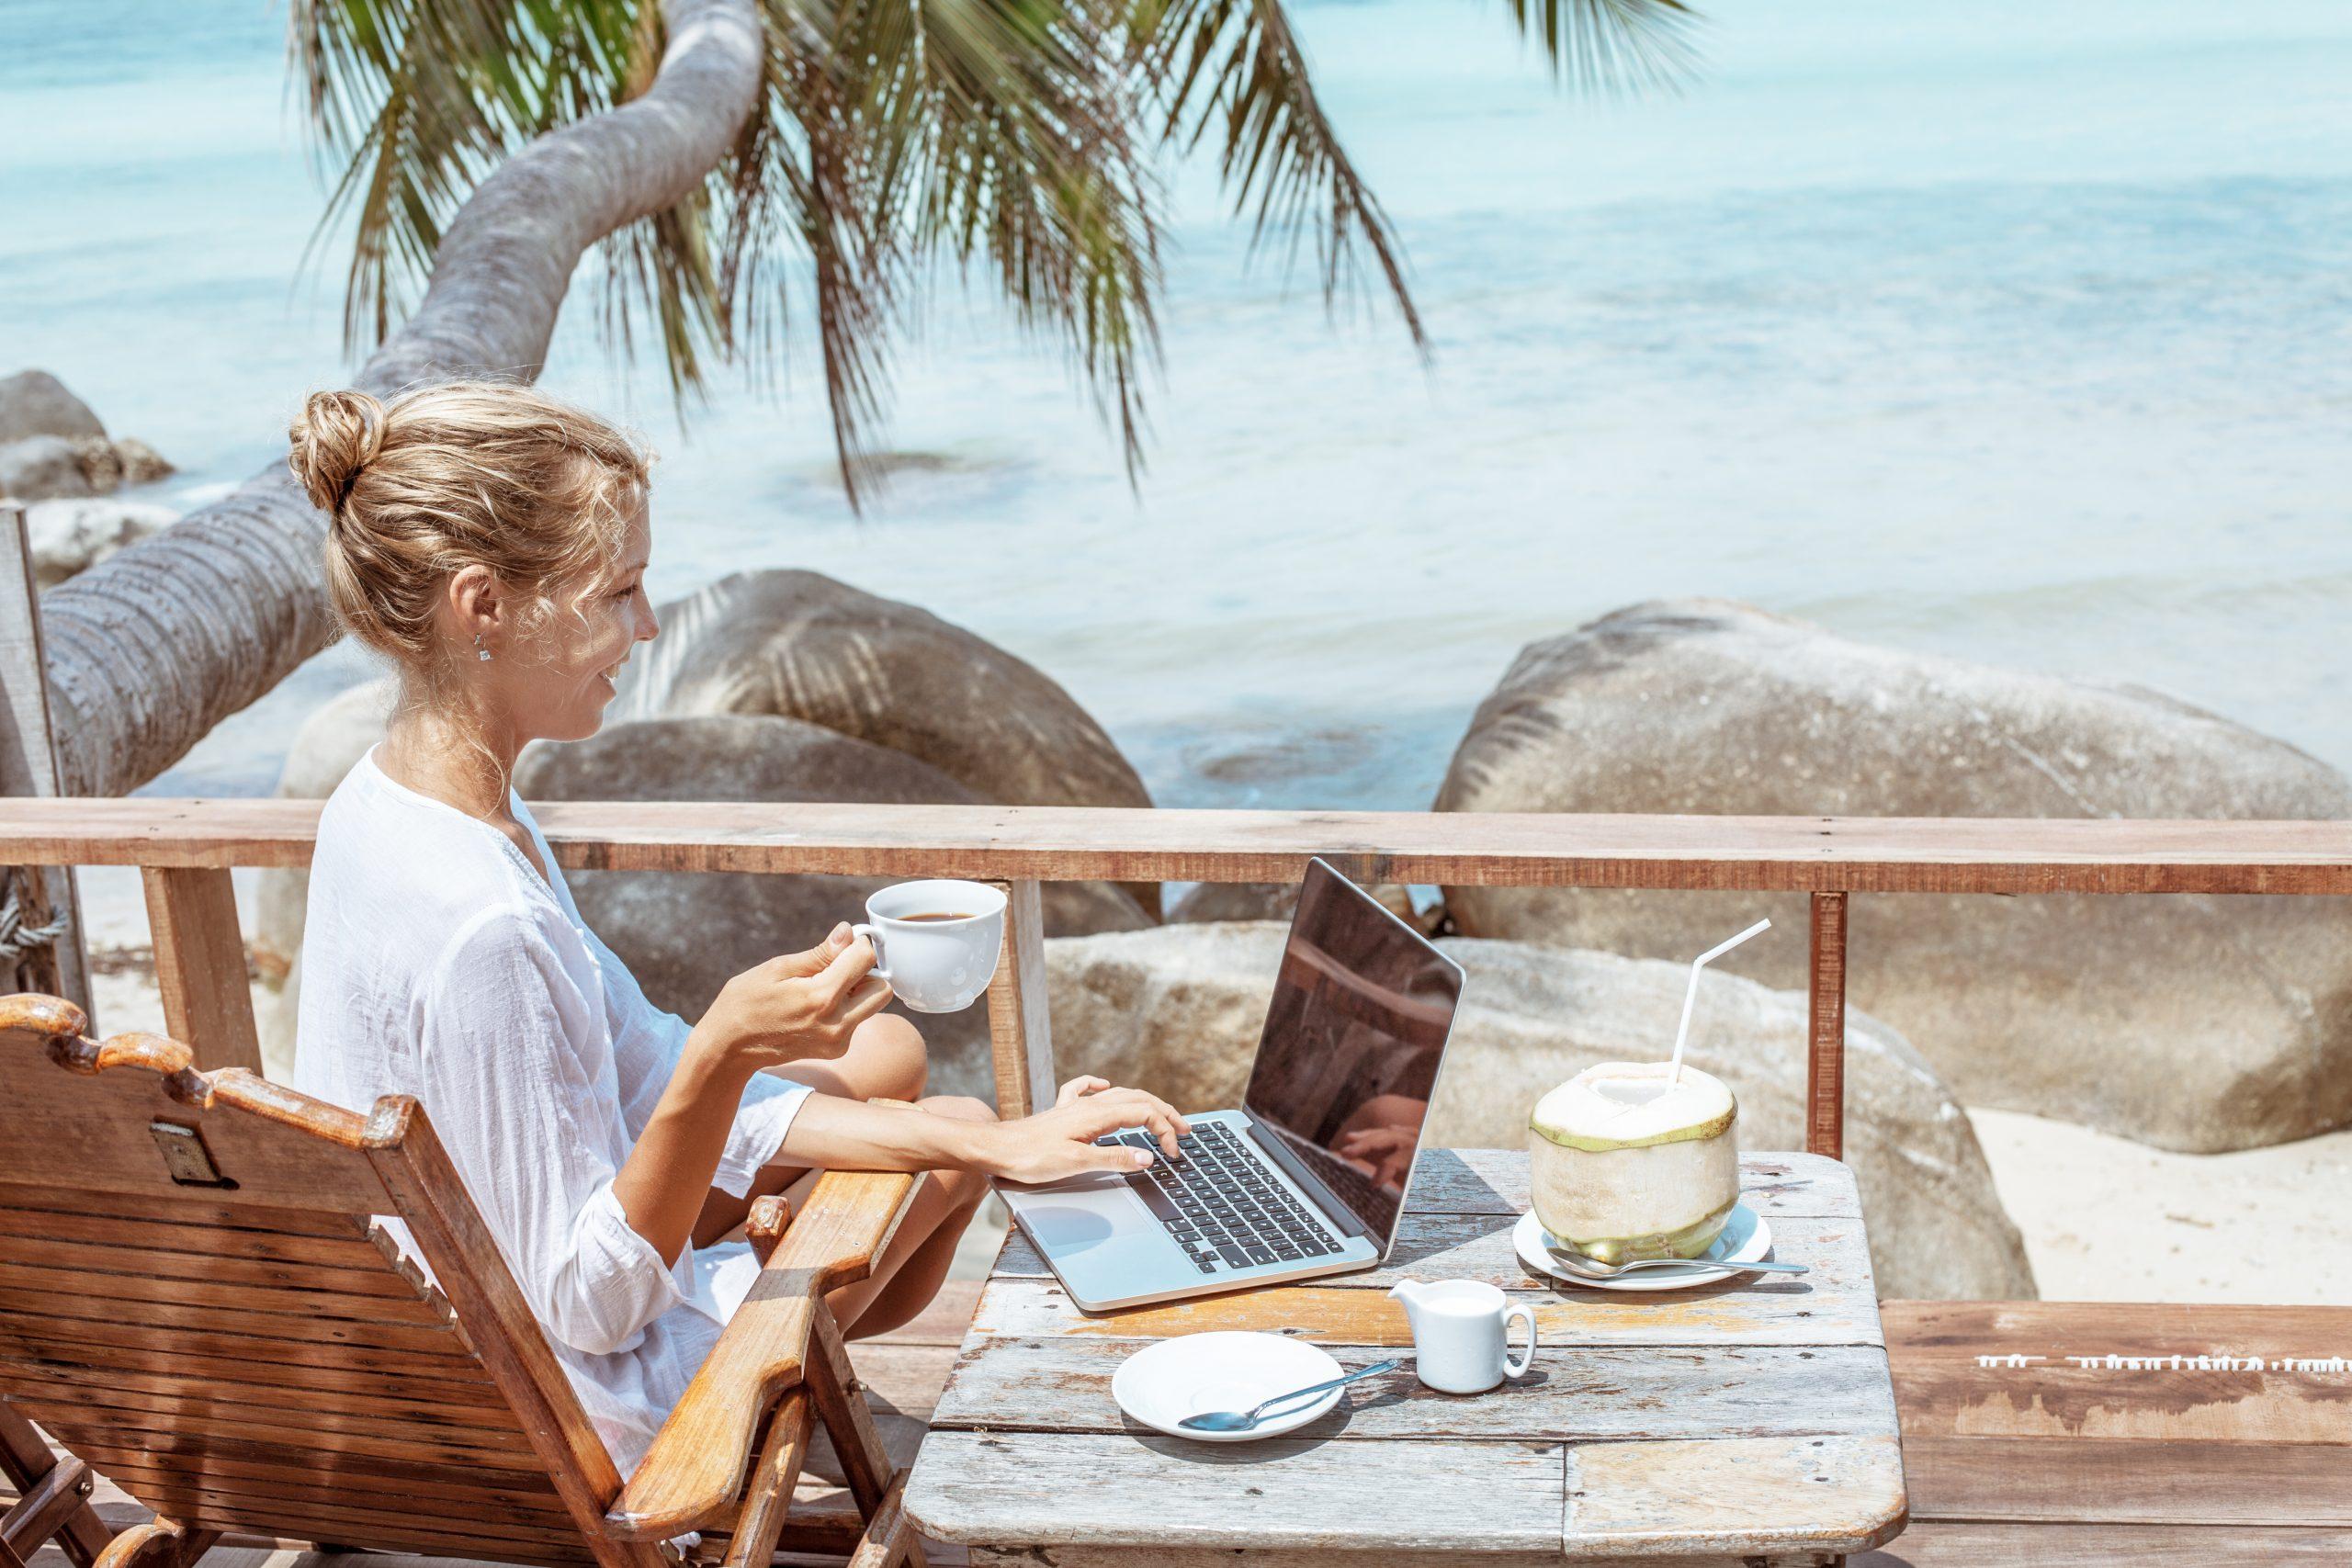 купить туристическую страховку онлайн 2020